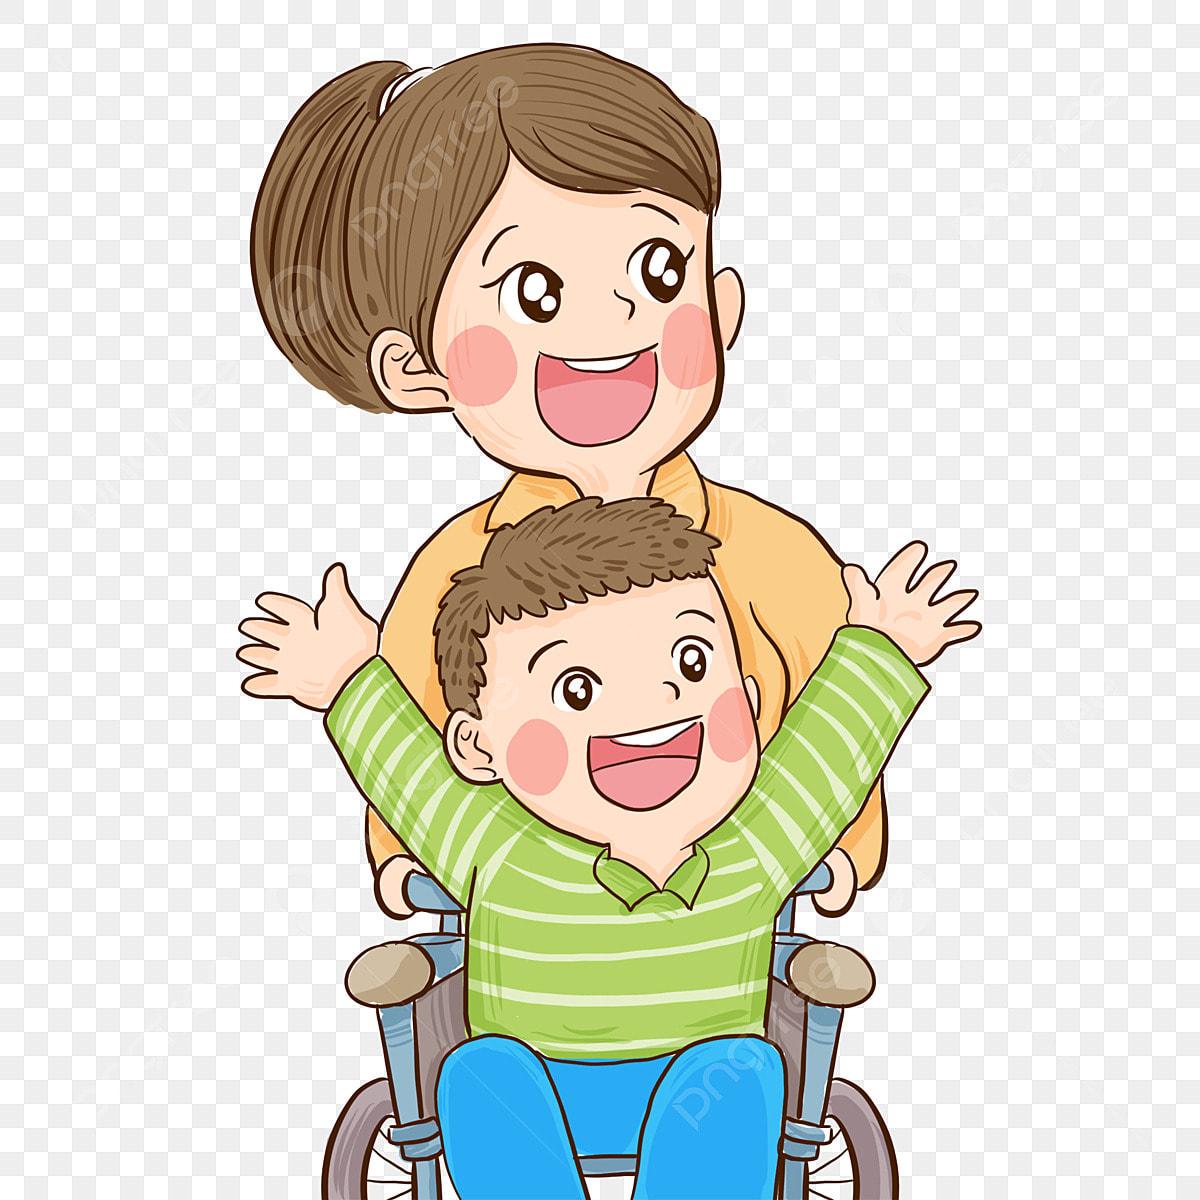 Gambar Kanak Kanak Kurang Upaya Yang Cacat Dan Ibunya Dicat Gembira Dilumpuhkan Png Dan Psd Untuk Muat Turun Percuma